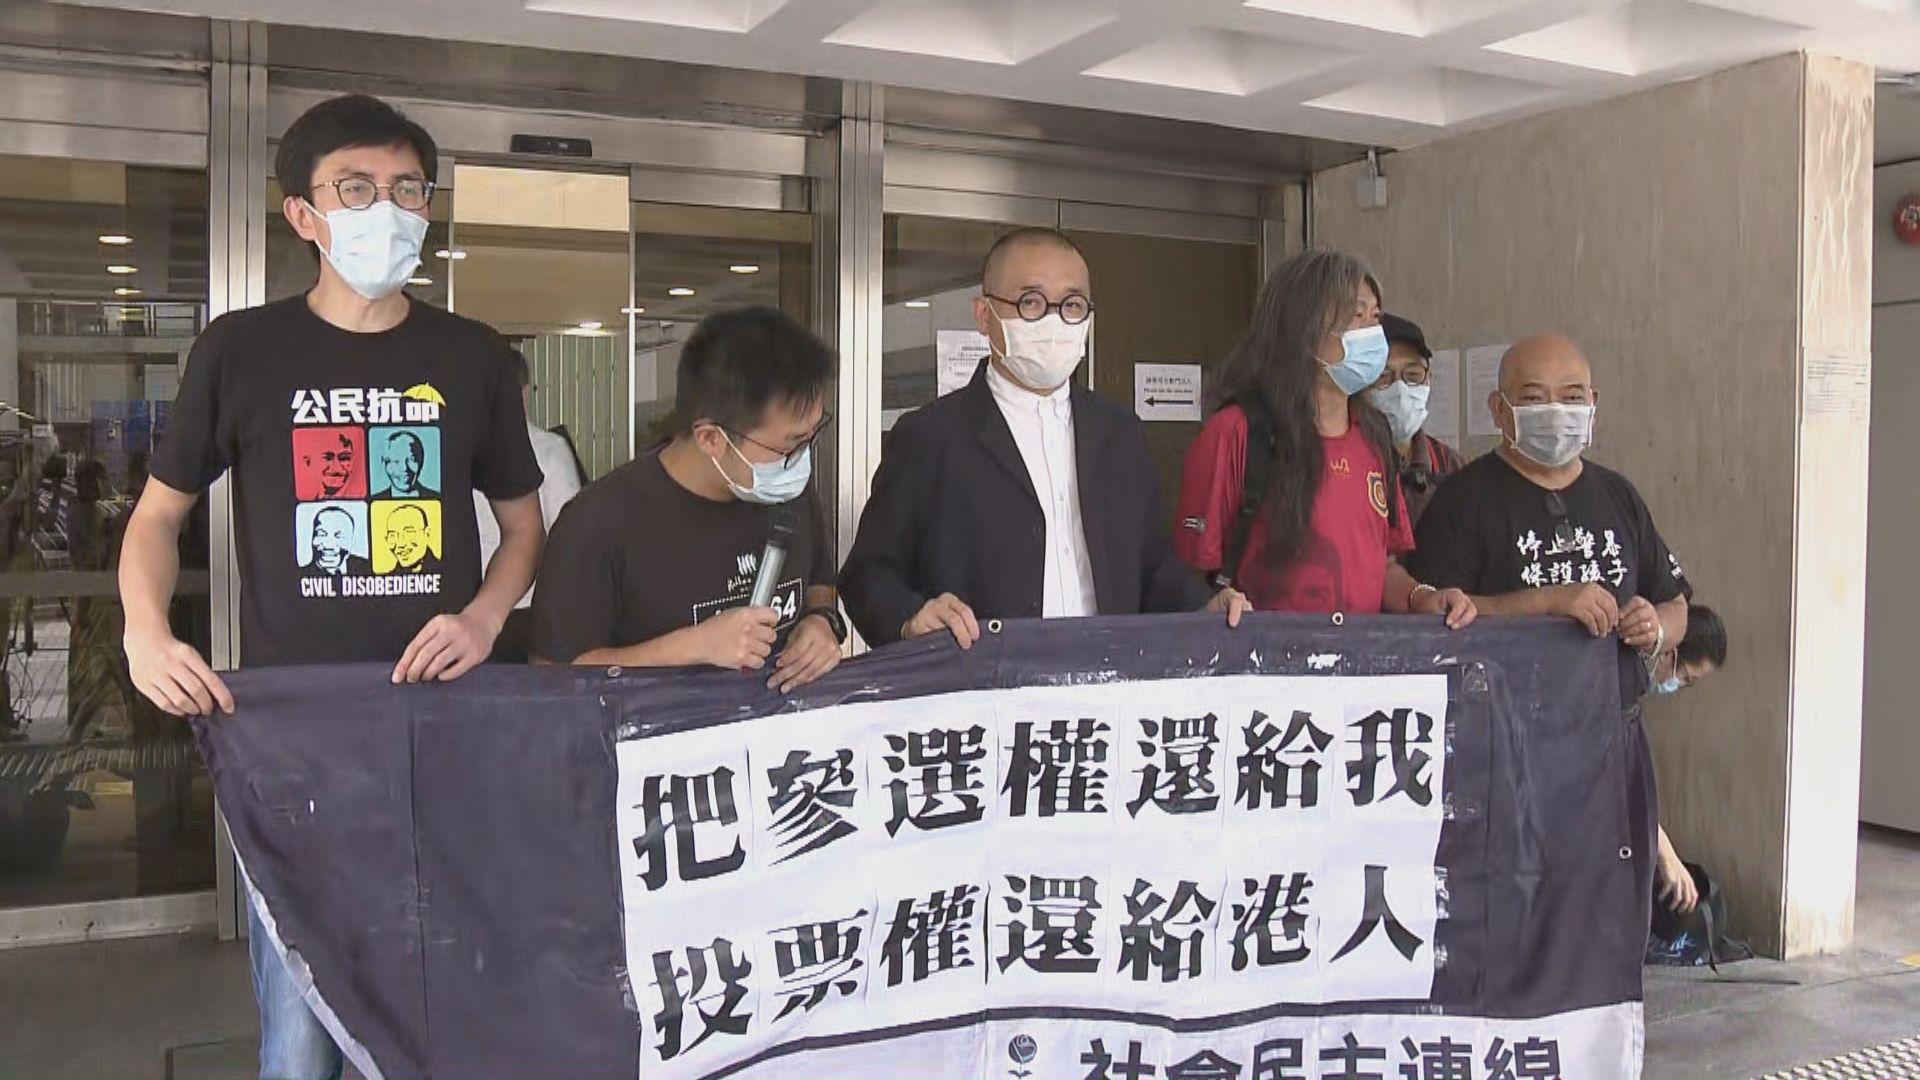 黃浩銘覆核判囚三個月限參選規定 法庭裁定敗訴